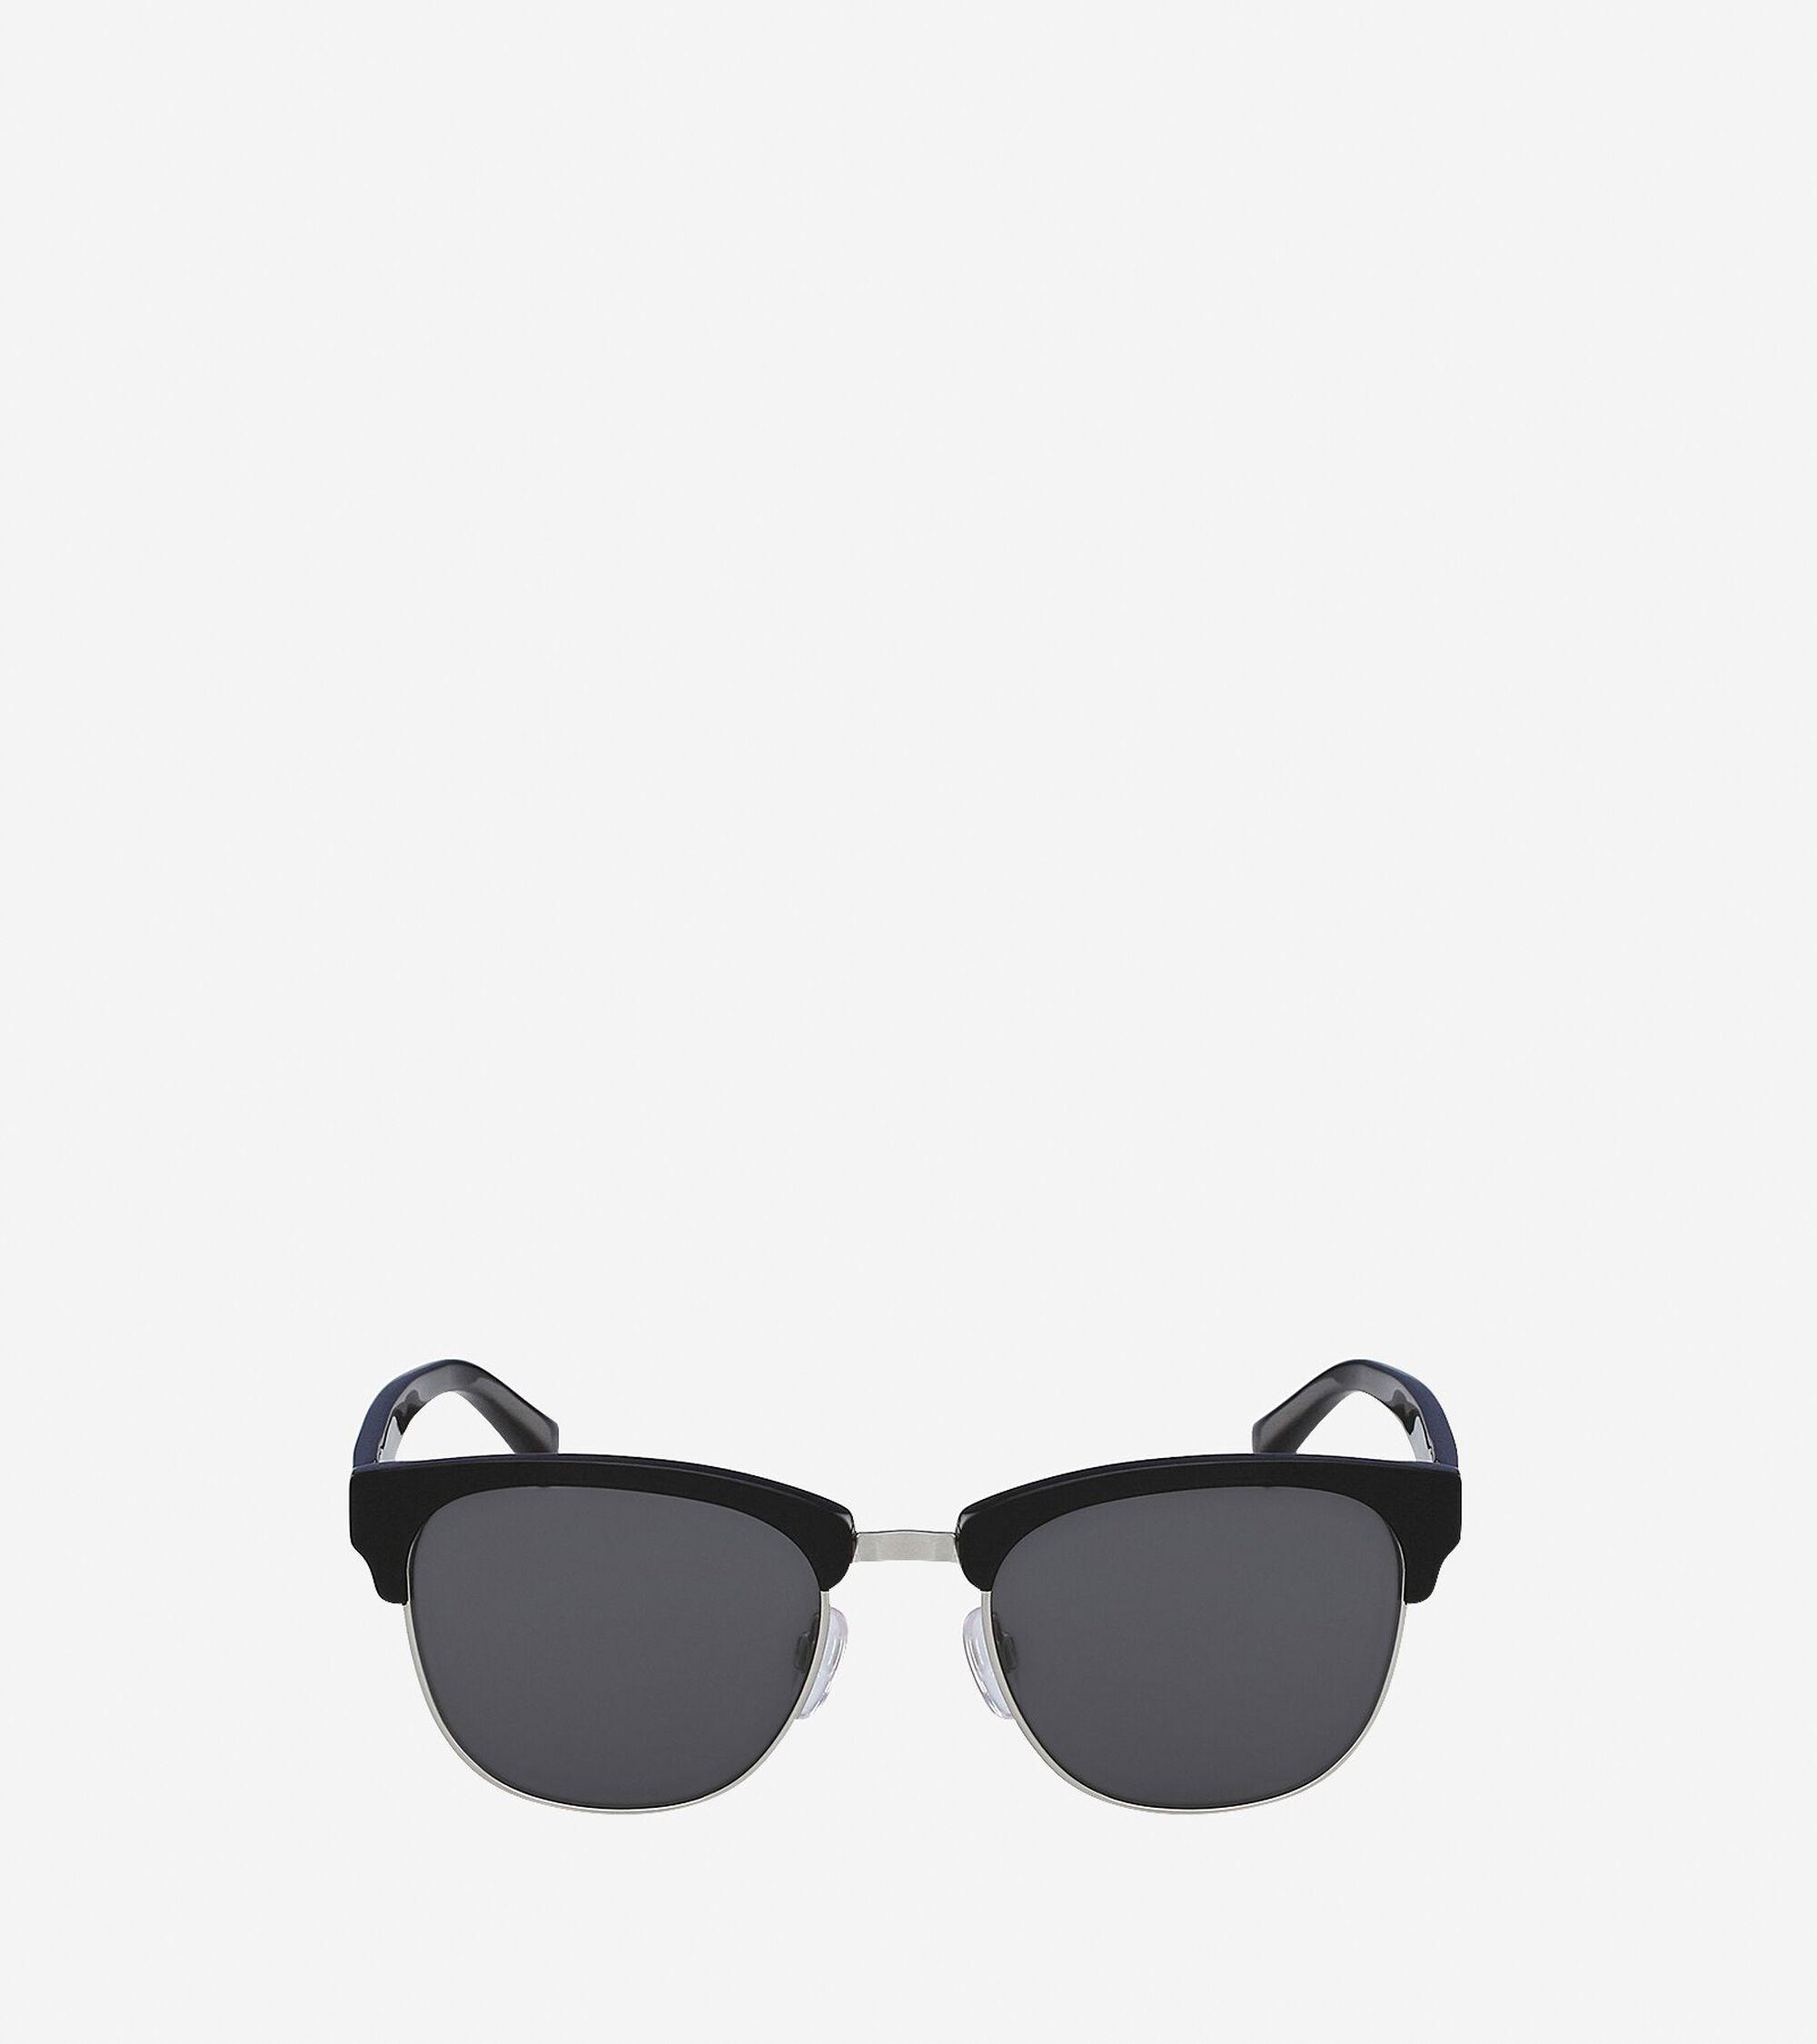 Accessories > Acetate/Metal Square Sunglasses